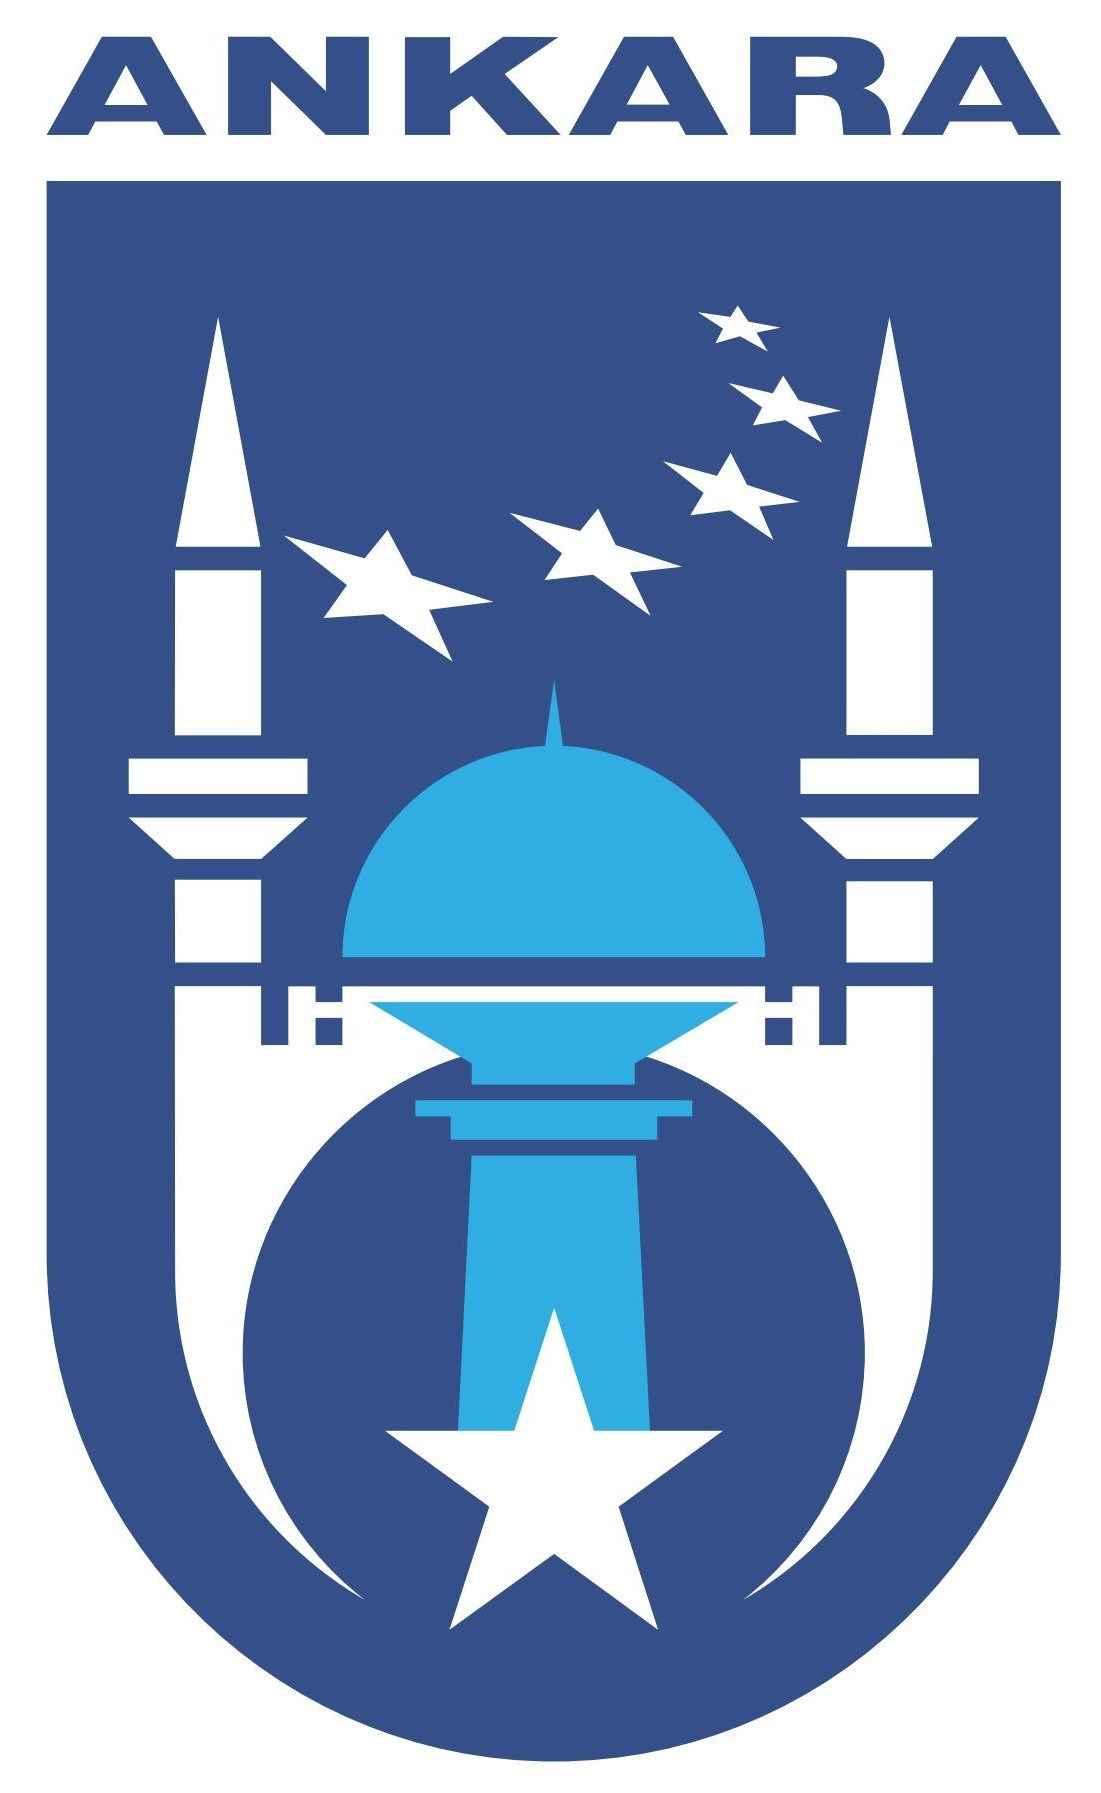 ankara-buyuksehir-belediyesi-logo1